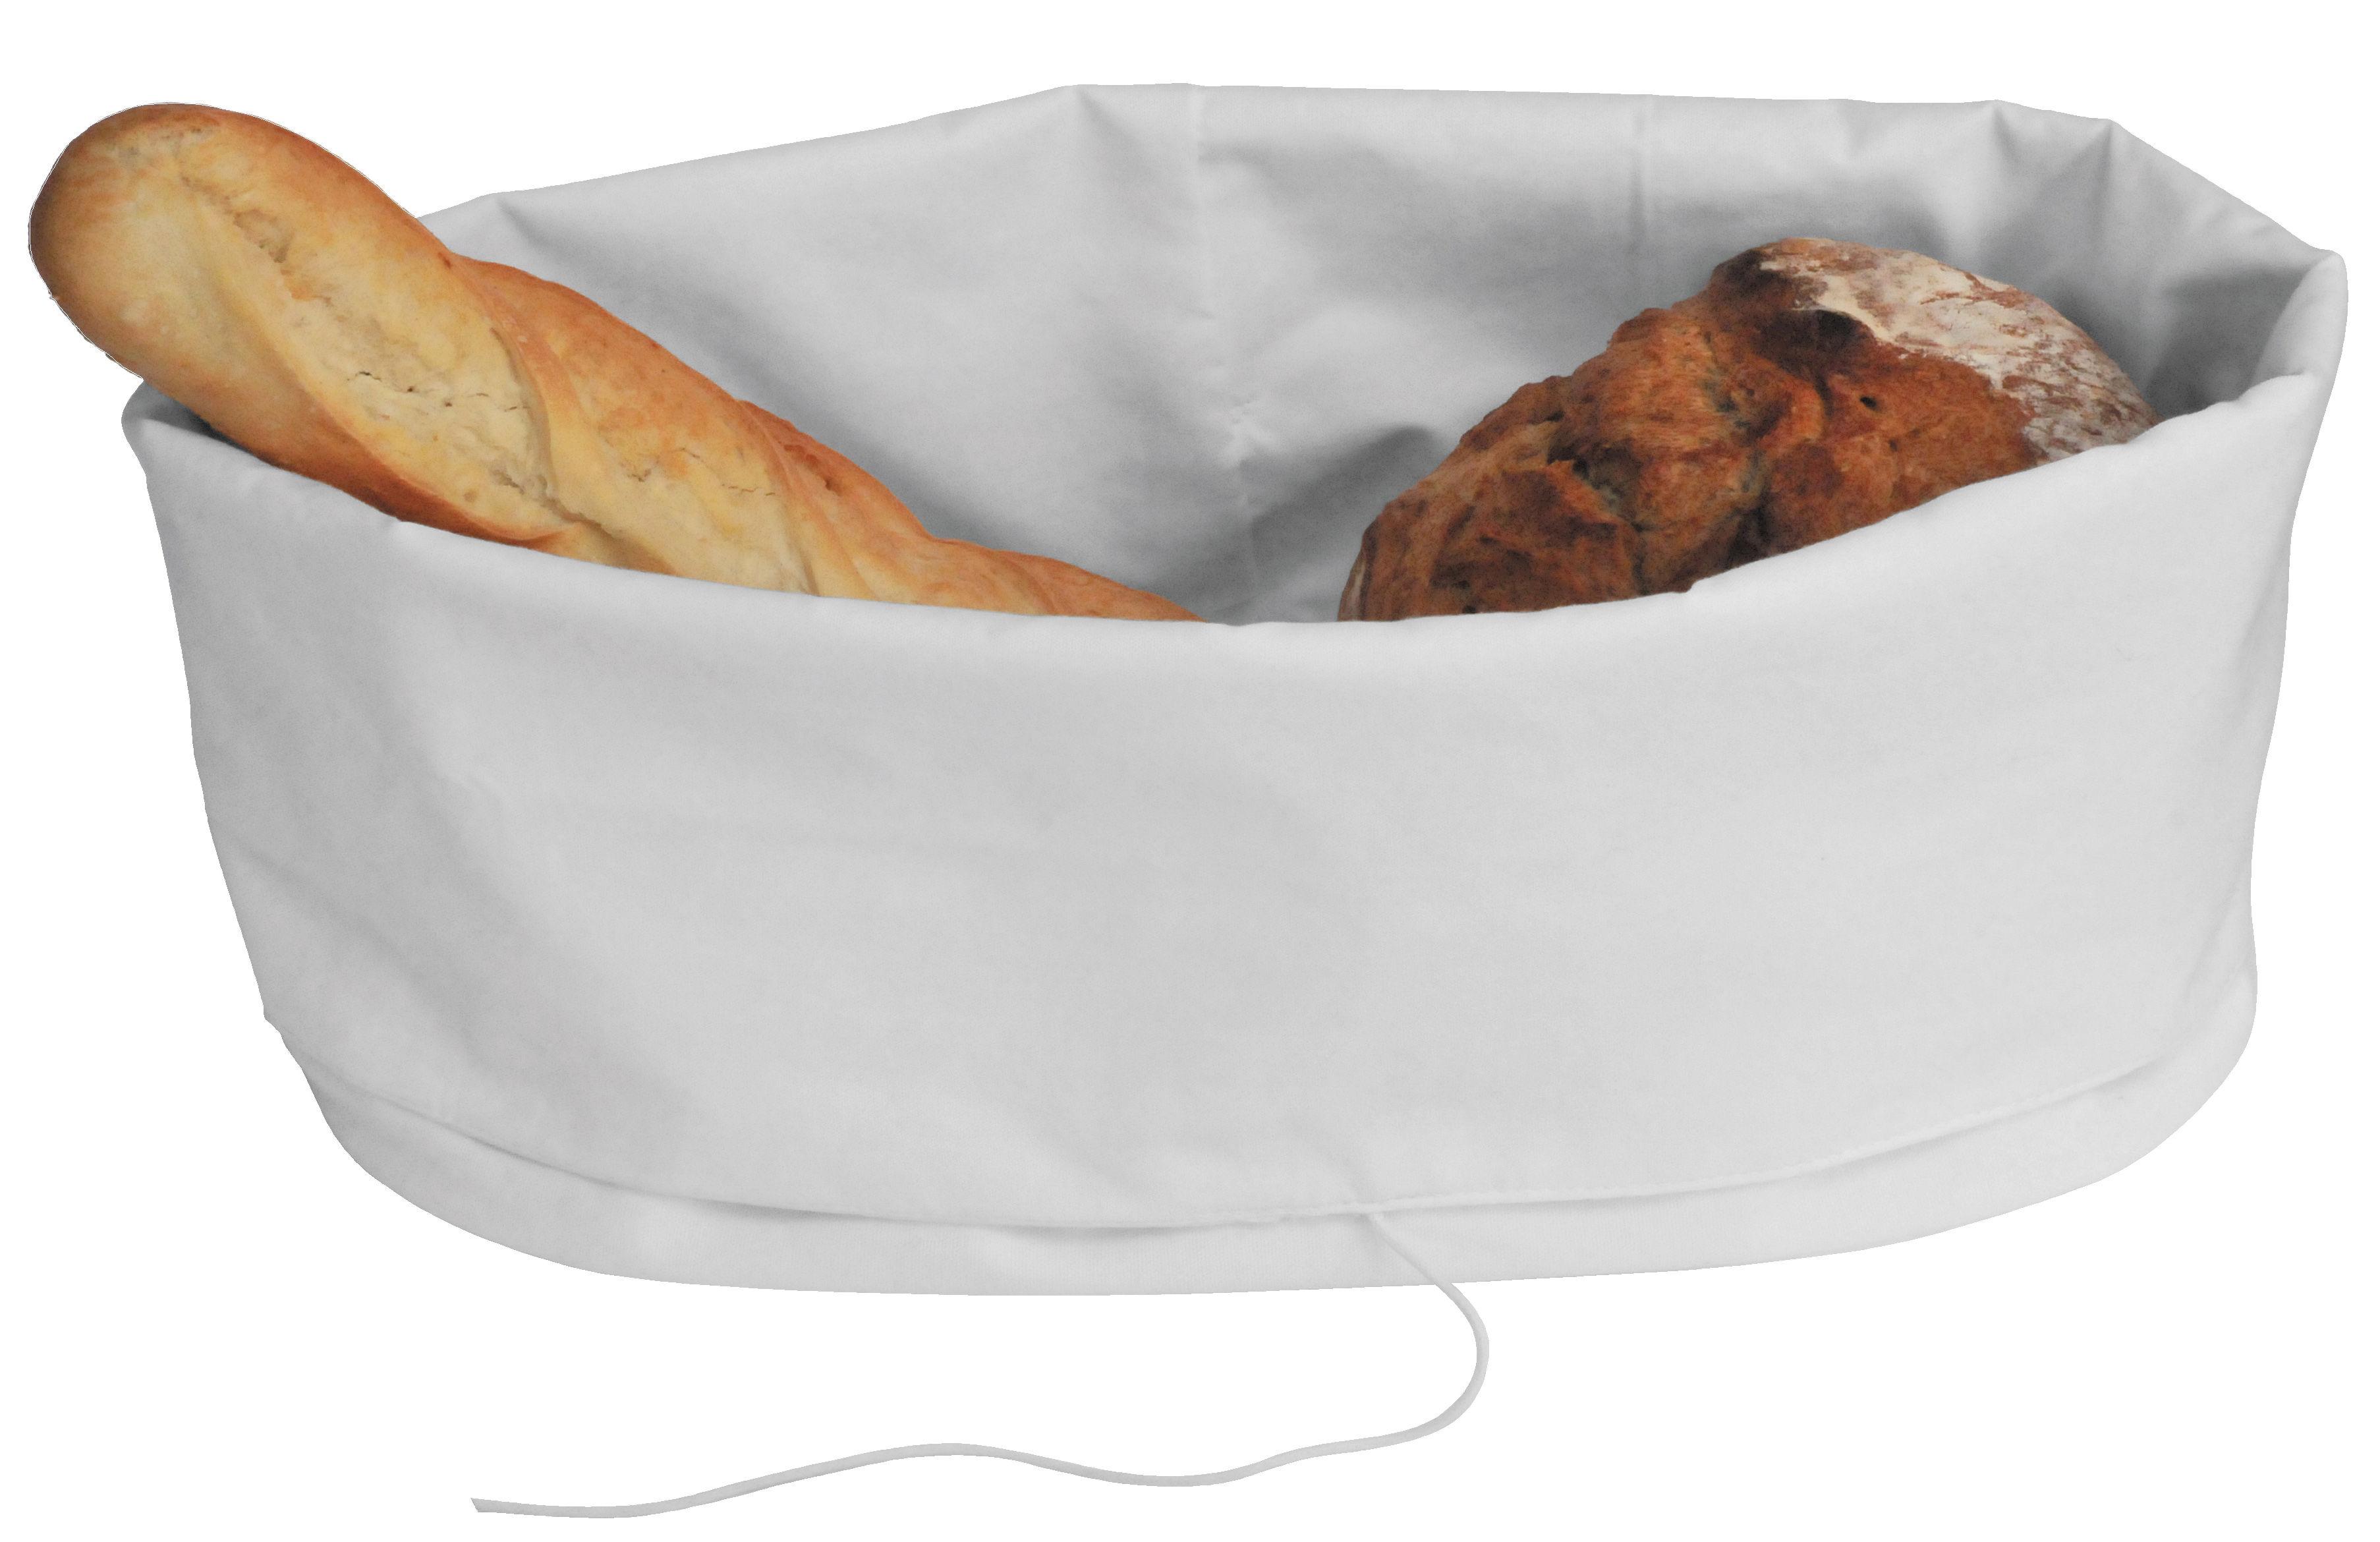 Arts de la table - Corbeilles, centres de table - Sac à pain / Pour conserver et servir - L'Atelier du Vin - Blanc - Polyester